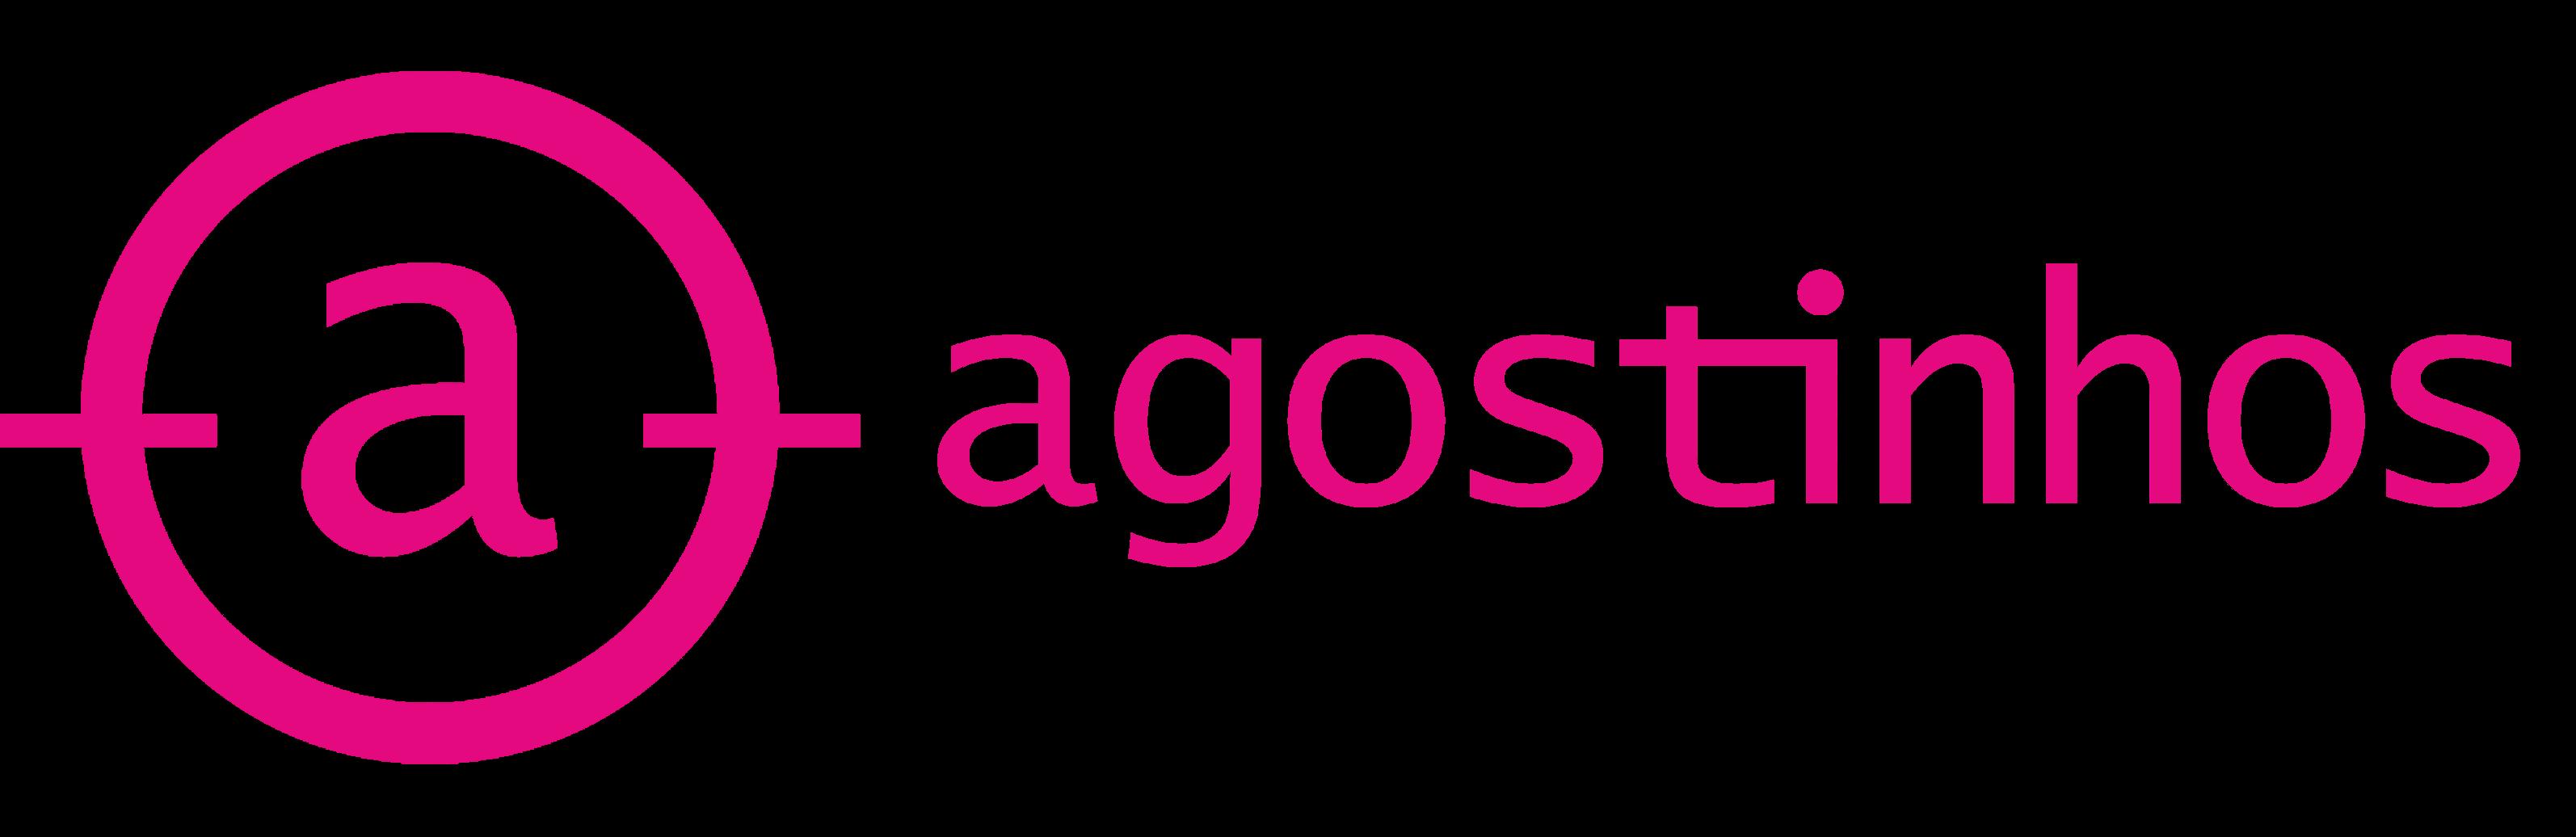 Agostinhos